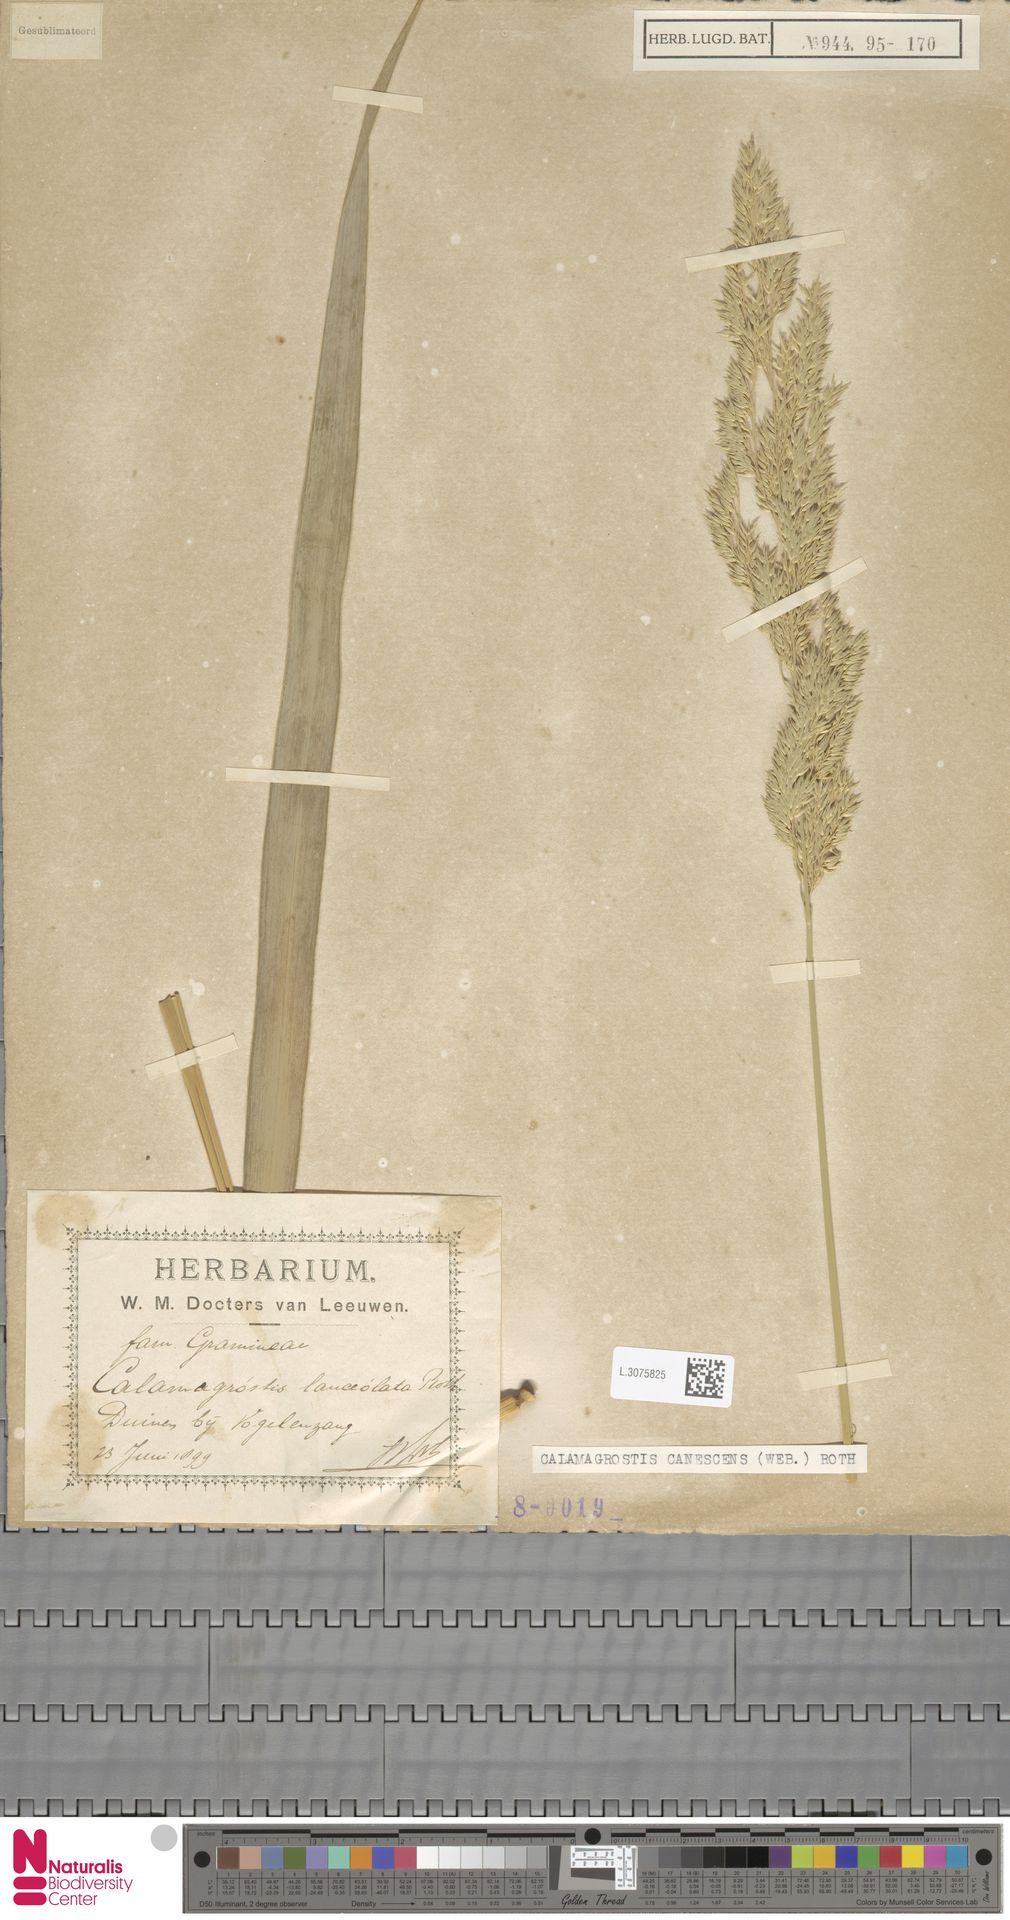 L.3075825   Calamagrostis canescens (Weber) Roth